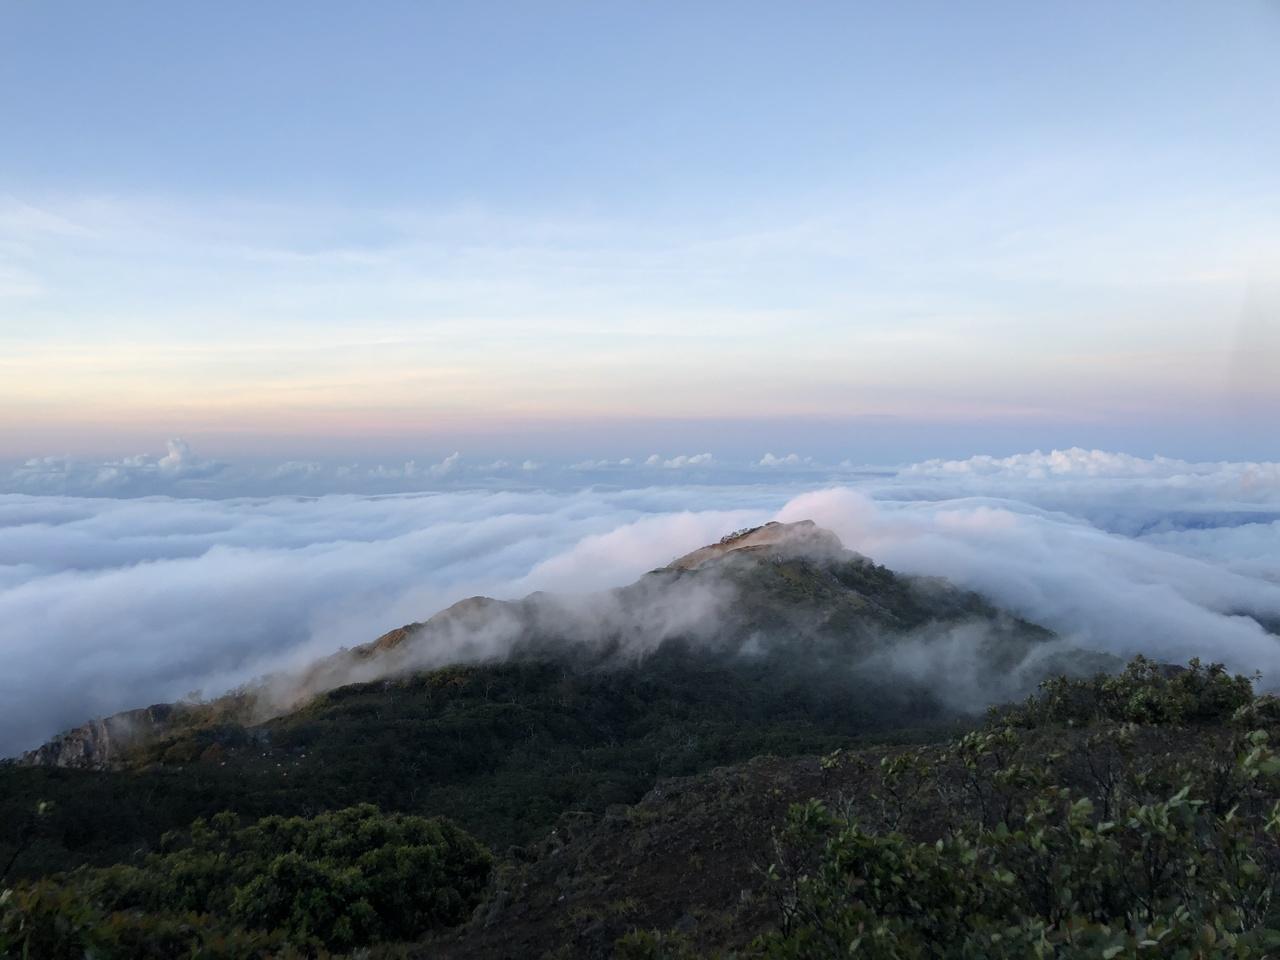 O nascer do sol no Monte Ramelau, em Timor. Foto de Mariana Torres